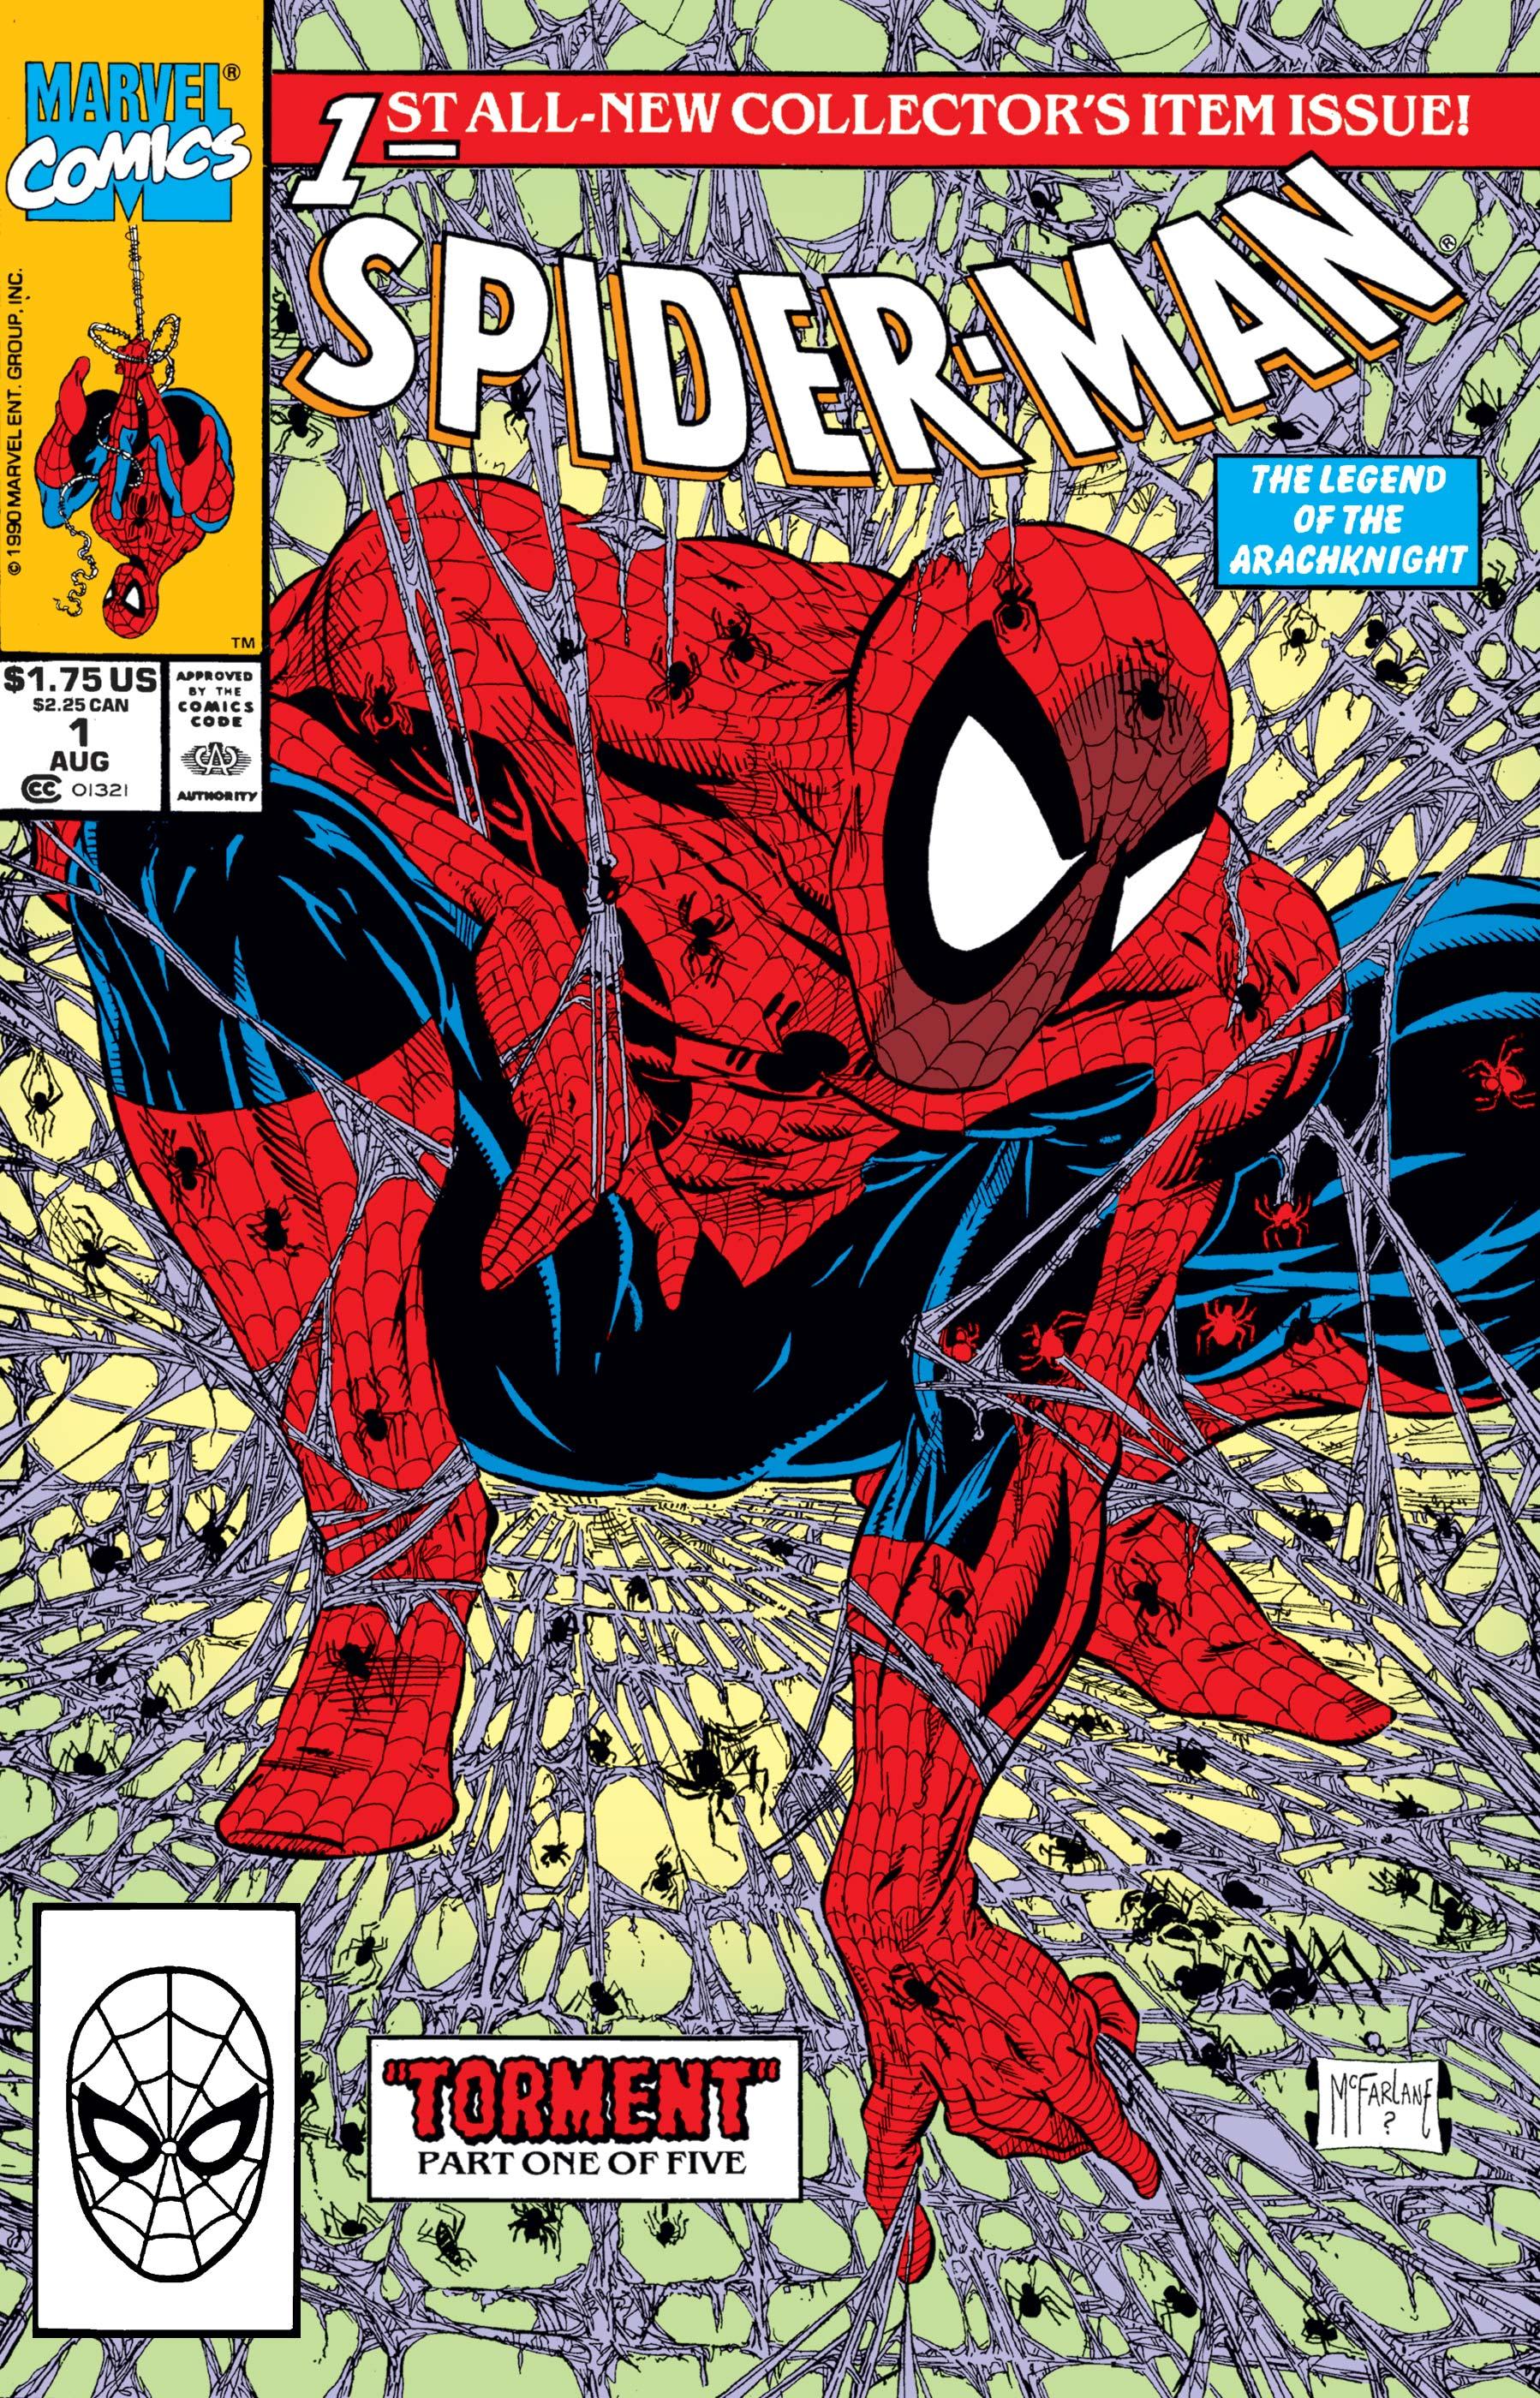 spider man vol 1 1 marvel comics database. Black Bedroom Furniture Sets. Home Design Ideas